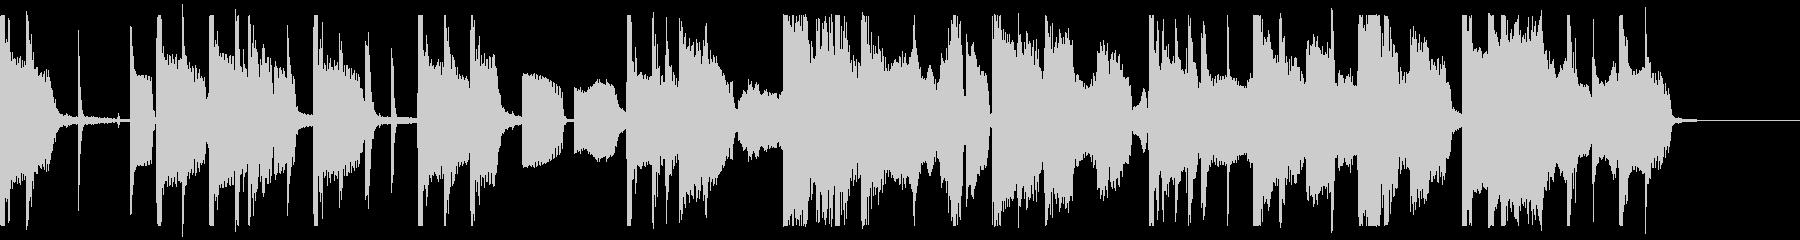 アンニュイなエレクトロポップの未再生の波形